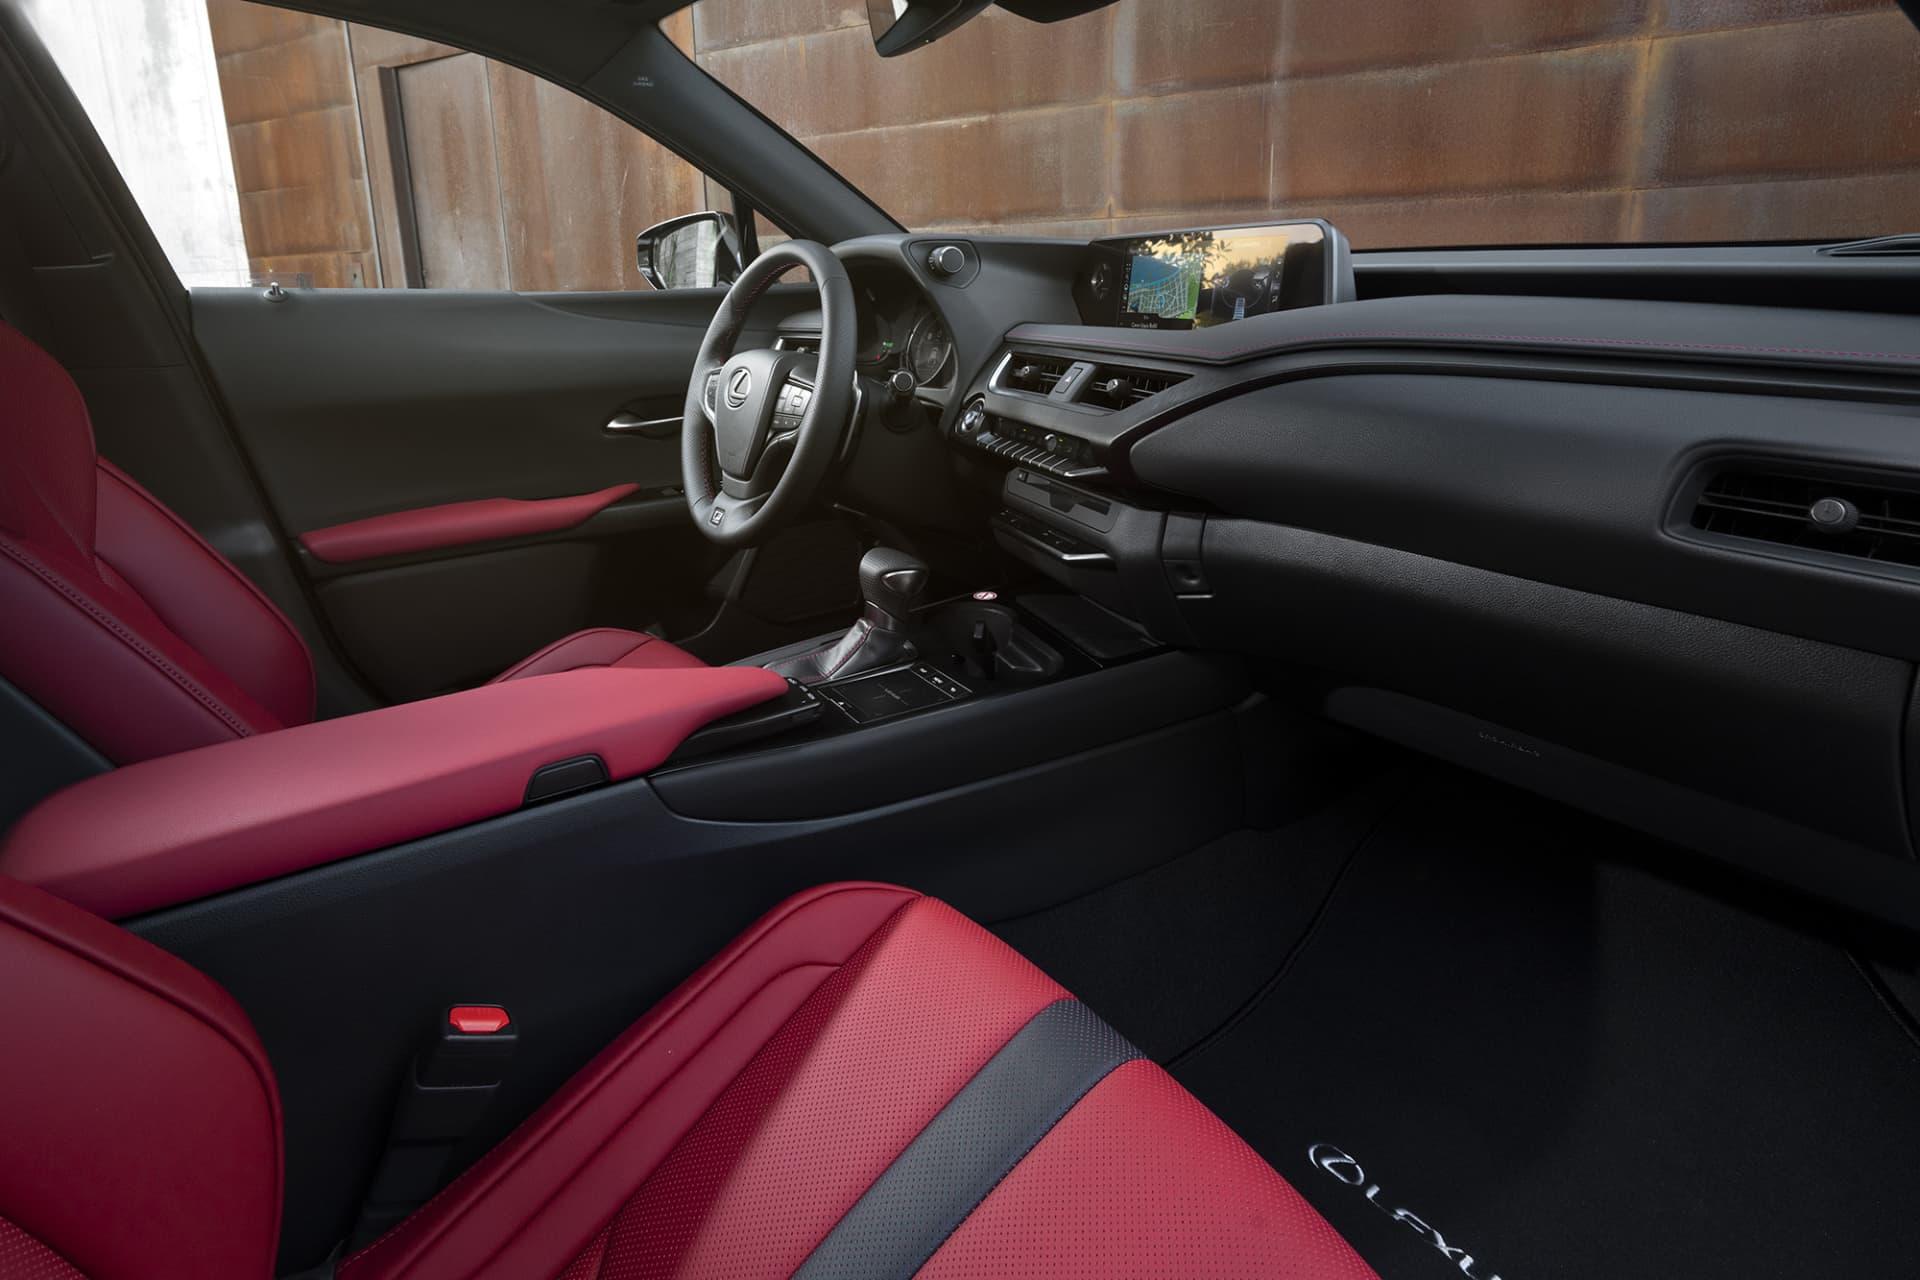 Inredningen är snygg och känns premium. Den röda läderklädseln gör sig mycket bra mot det svarta.